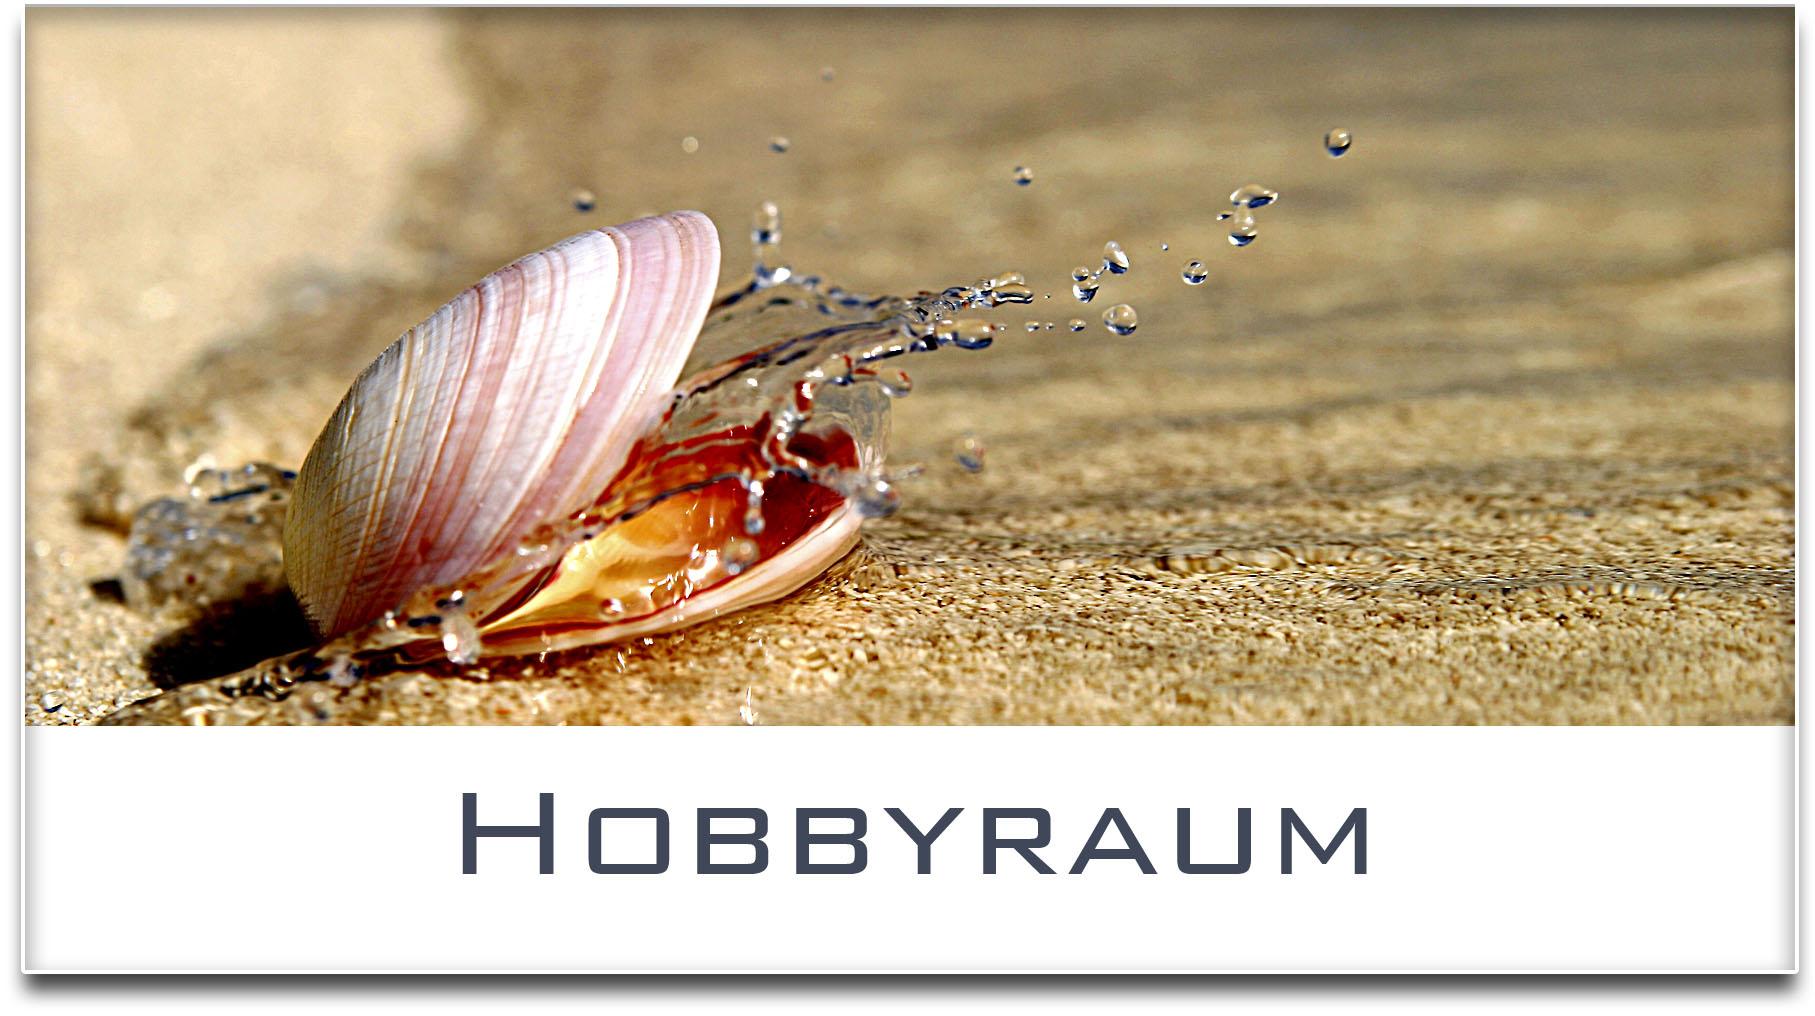 Türschild / Haustürschild / Muschel / Hobbyraum / Selbstklebend